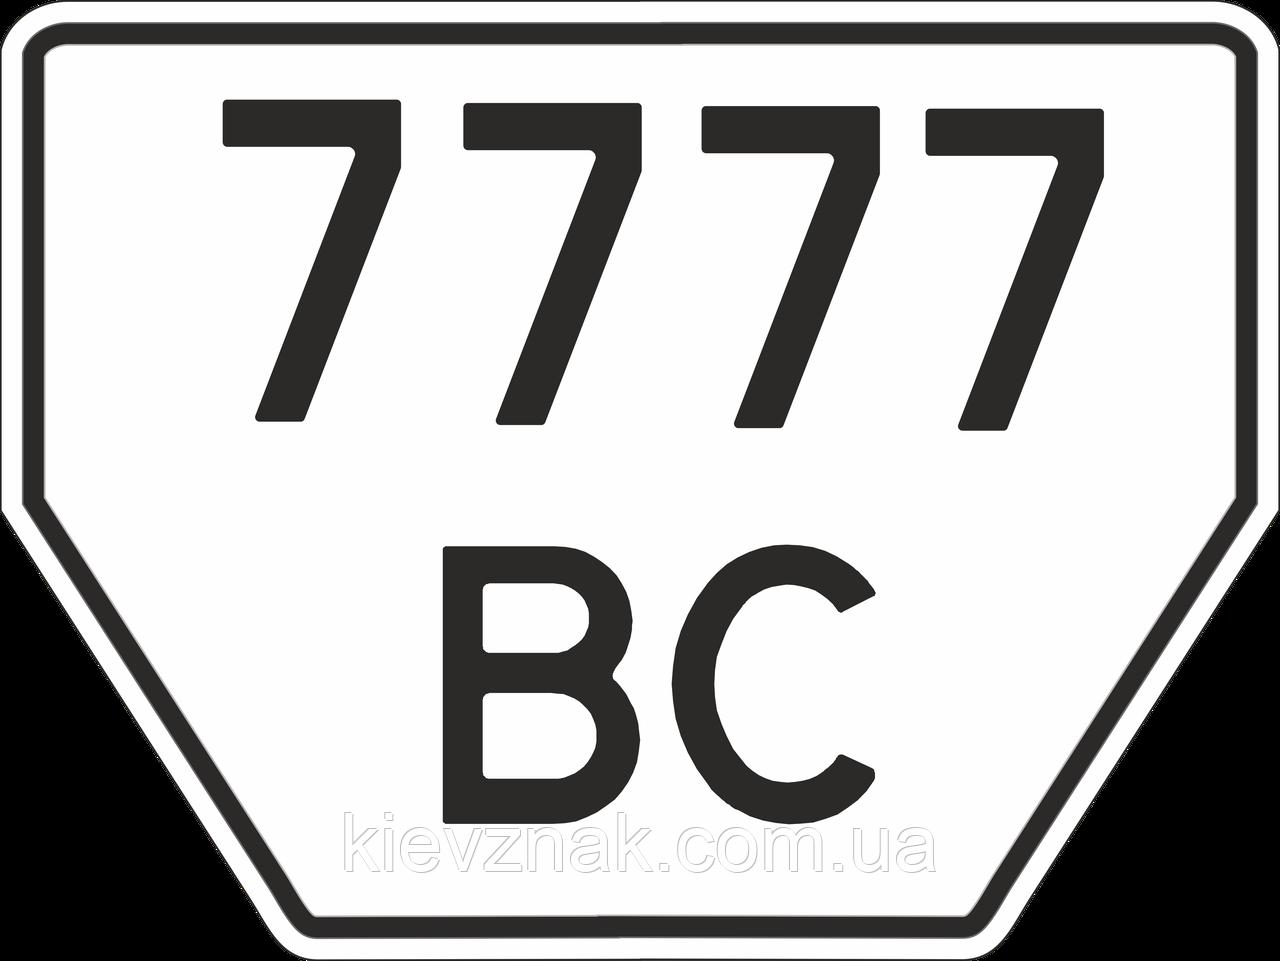 Номер на прцеп со сошенными углами,1977/1997гг.